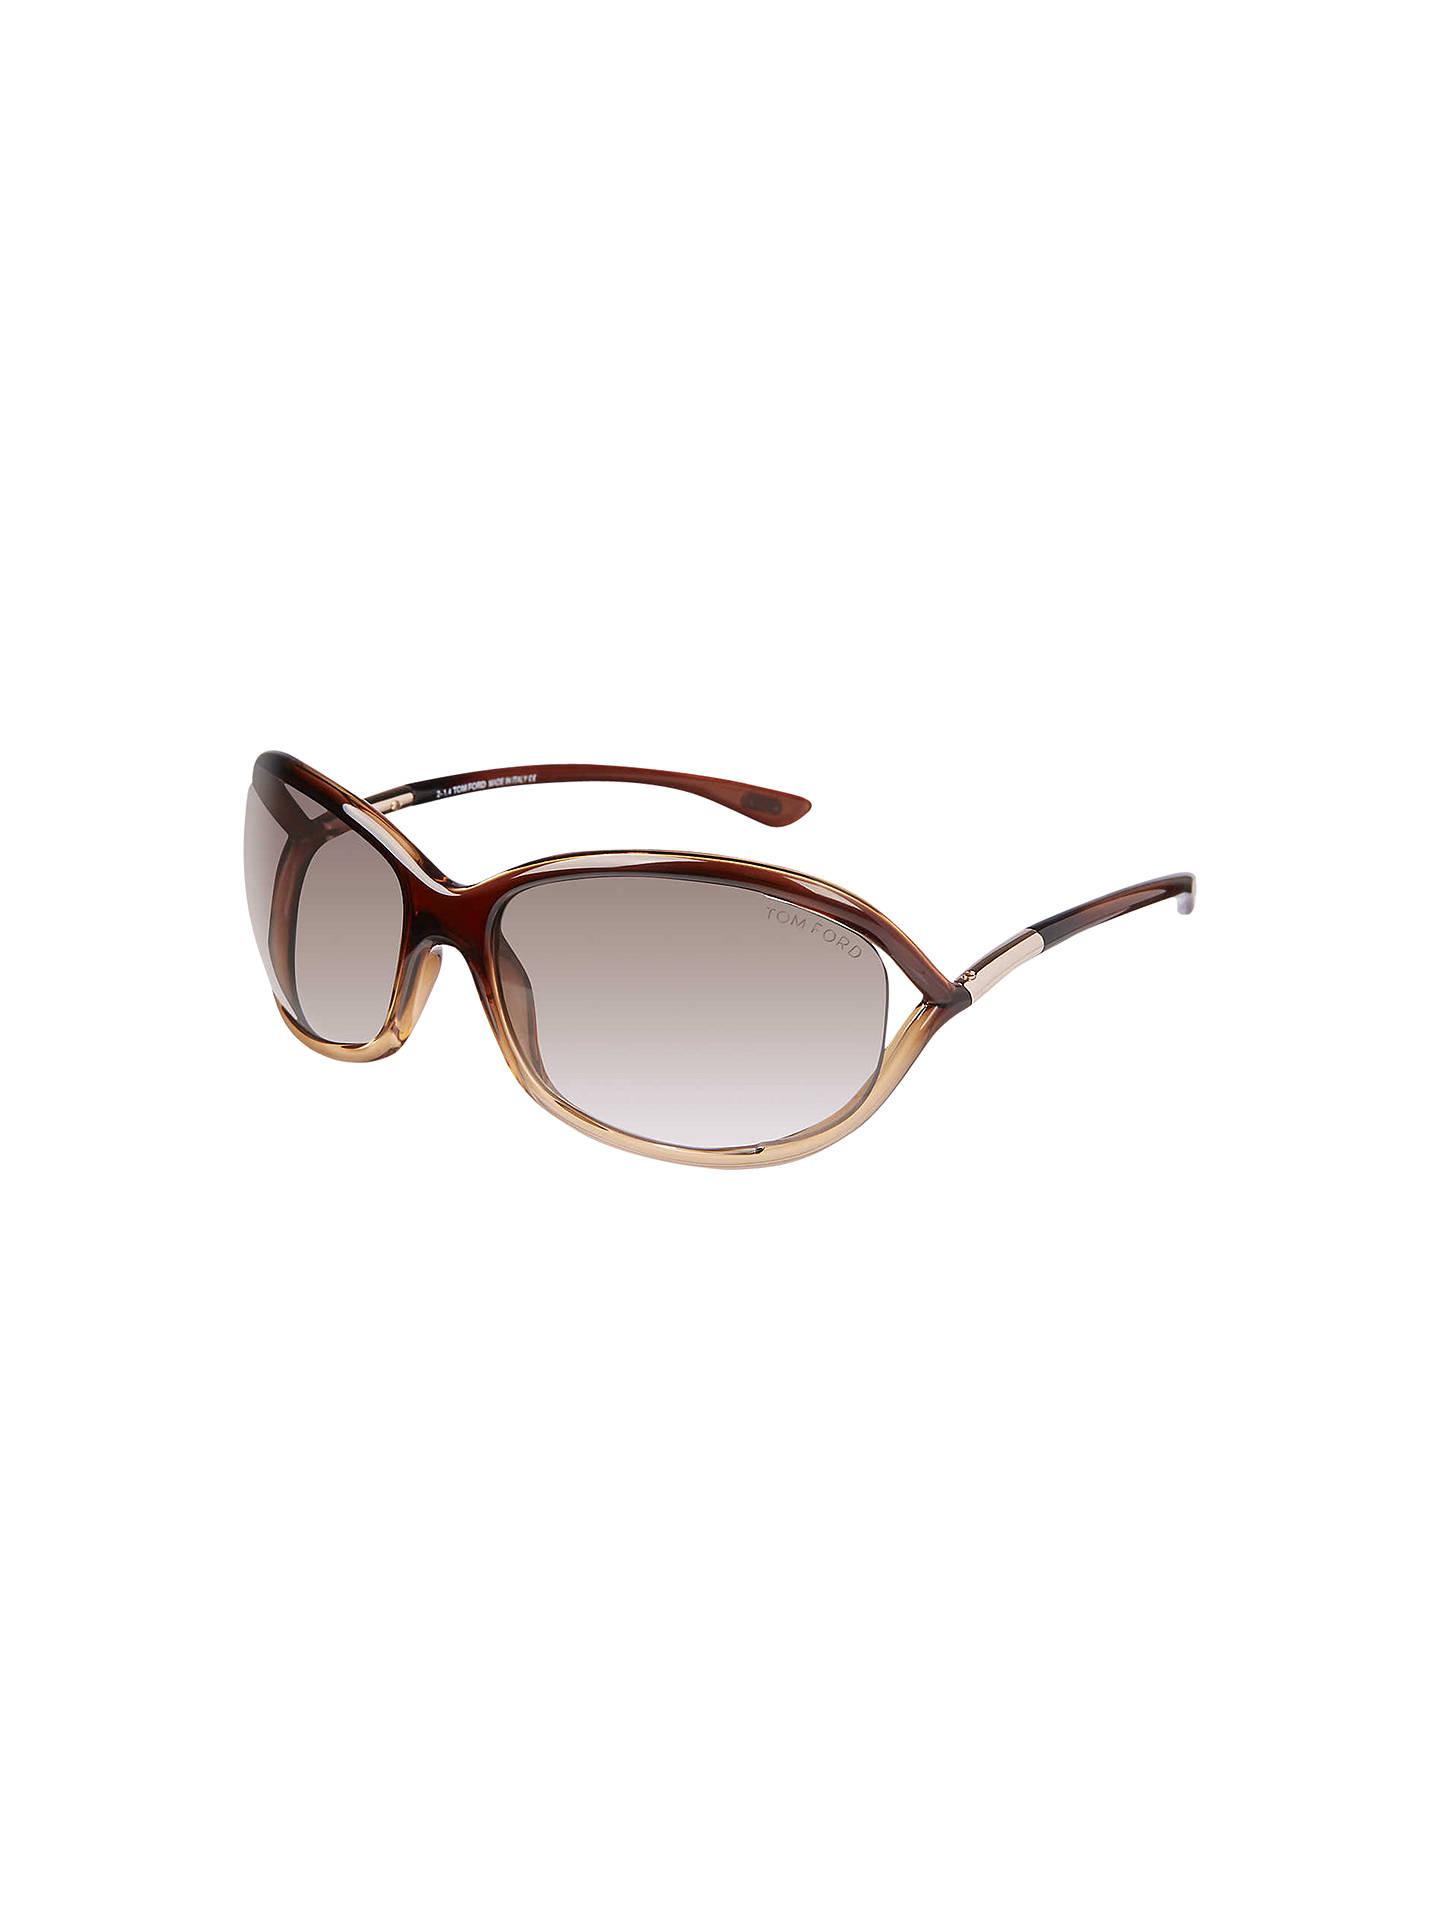 73d2d38f49599 Buy TOM FORD FT008 Jennifer Rectangular Sunglasses